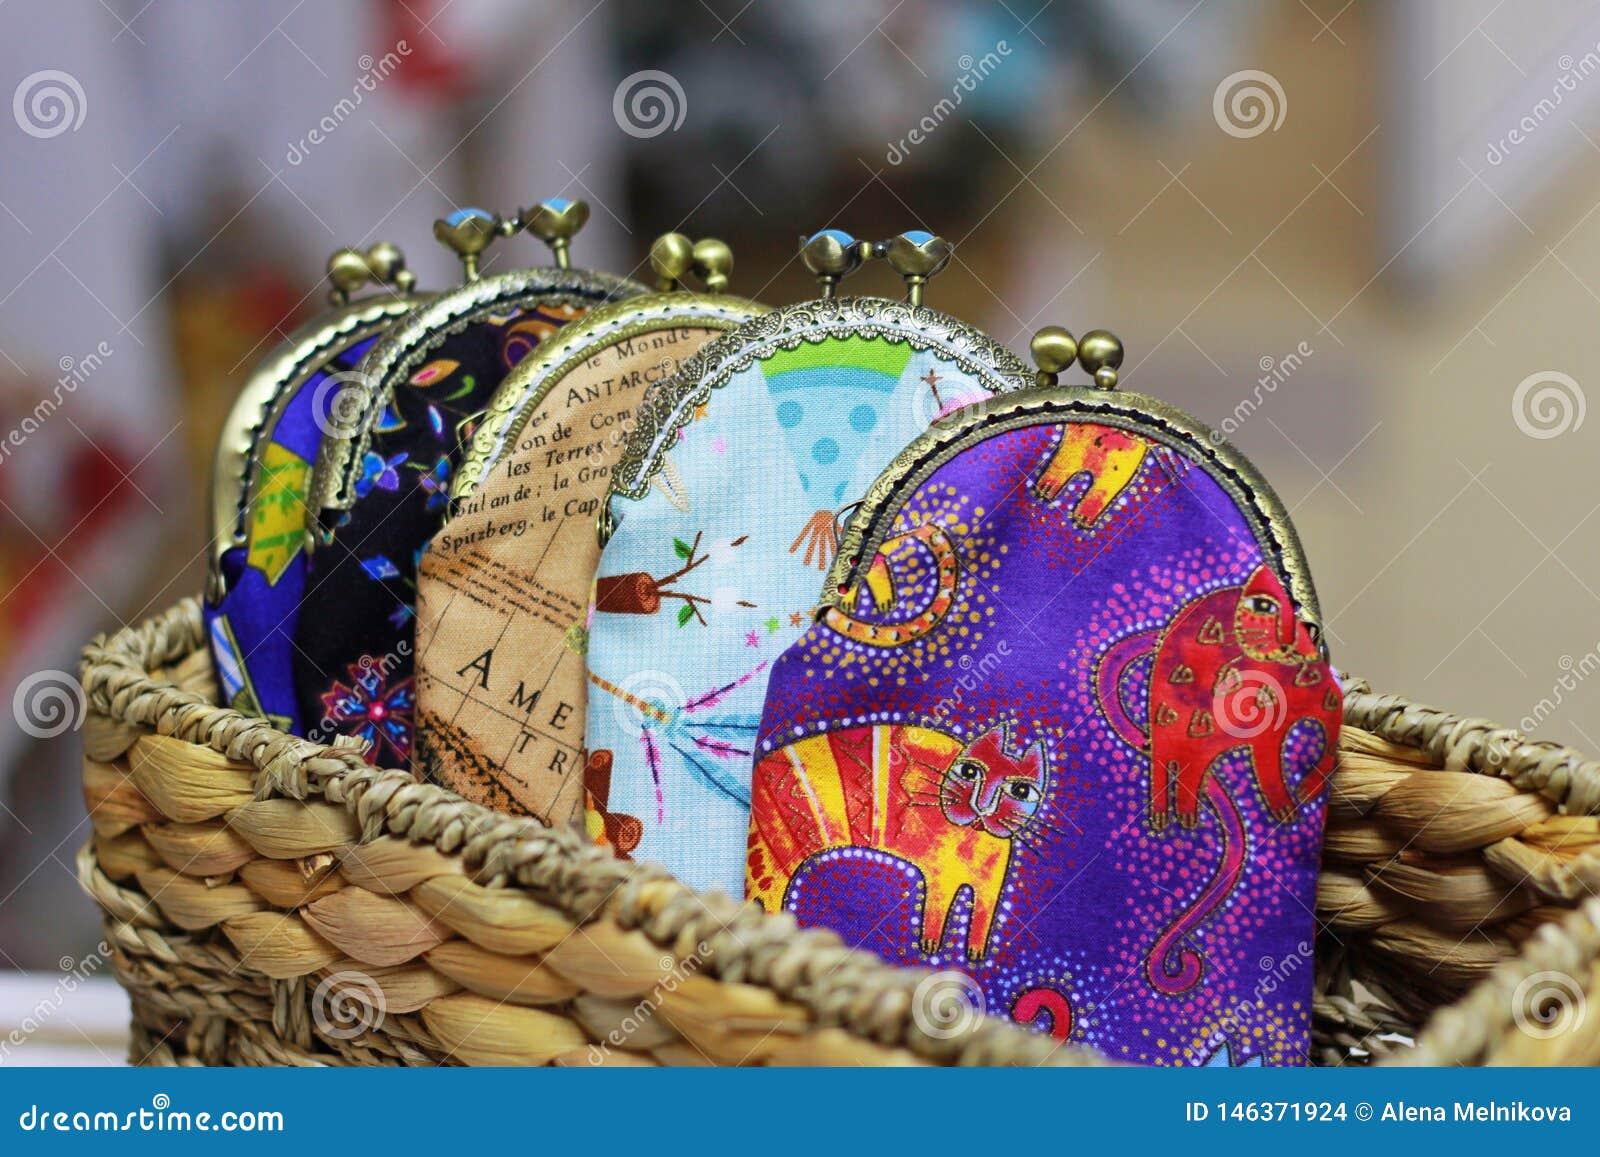 Le borse variopinte per soldi con un catenaccio del metallo sono in un canestro di vimini